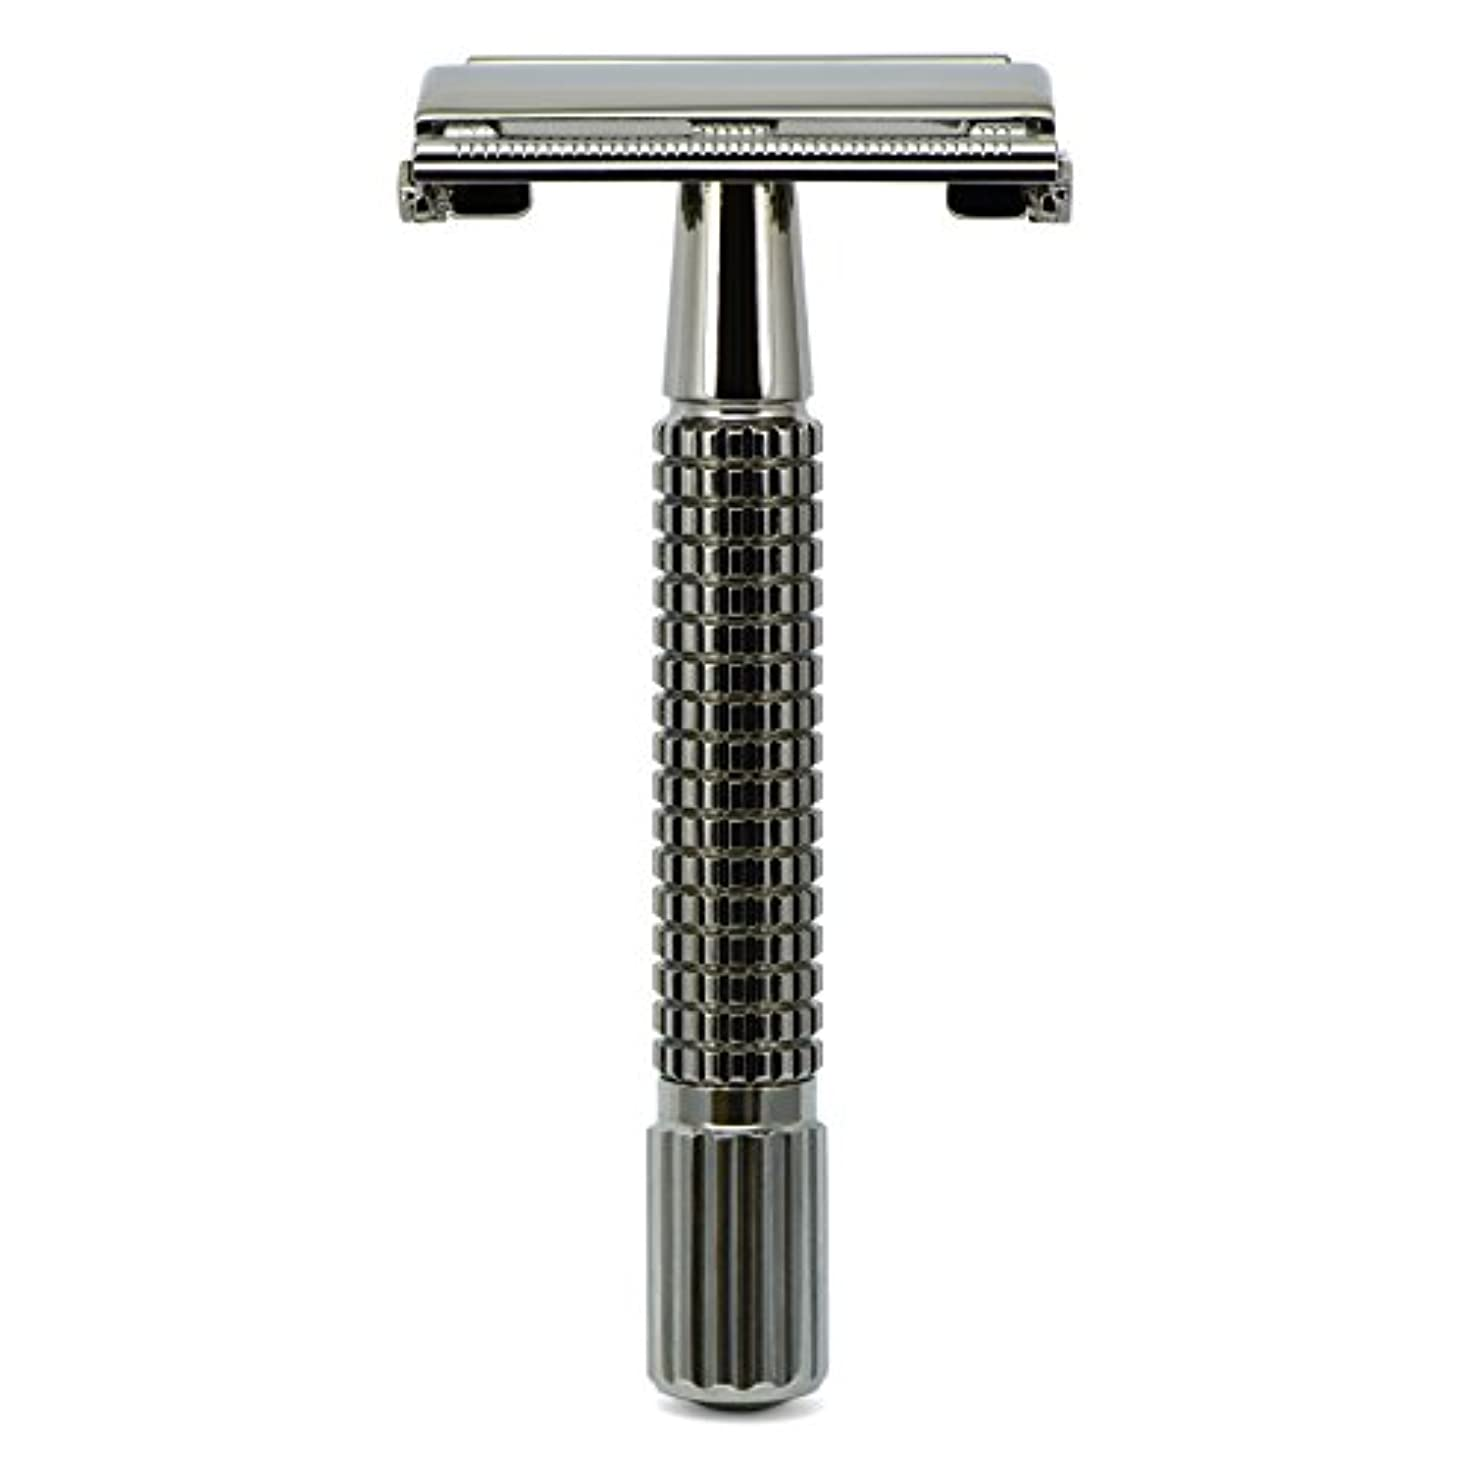 狐応援するジェームズダイソンG&F - Gentle Shaver Safety razor, Butterfly, black chrome, 8 cm